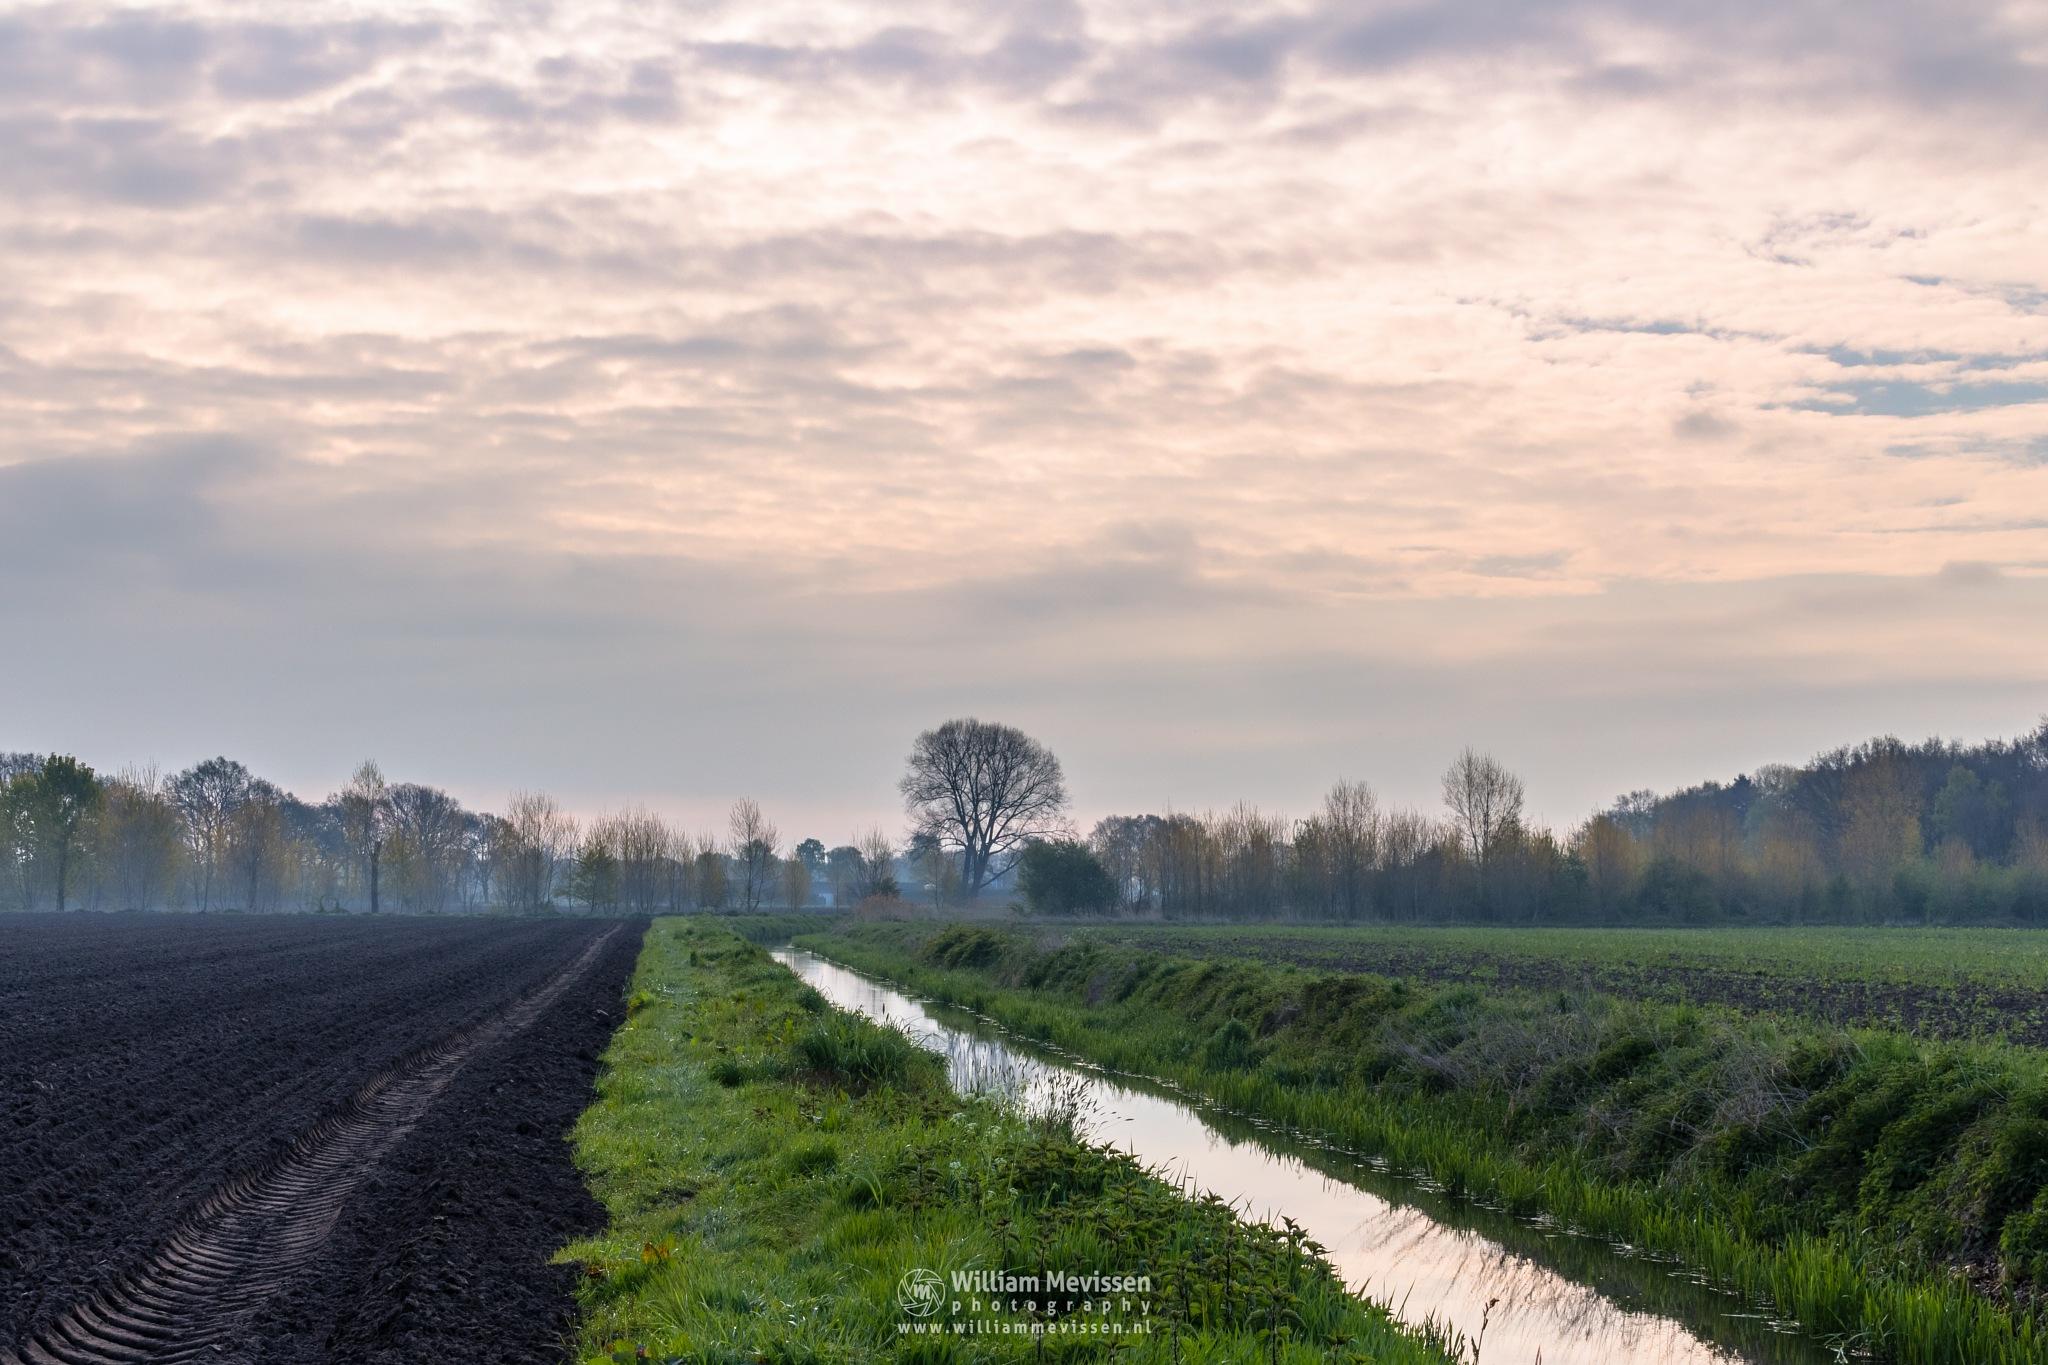 Rural View by William Mevissen